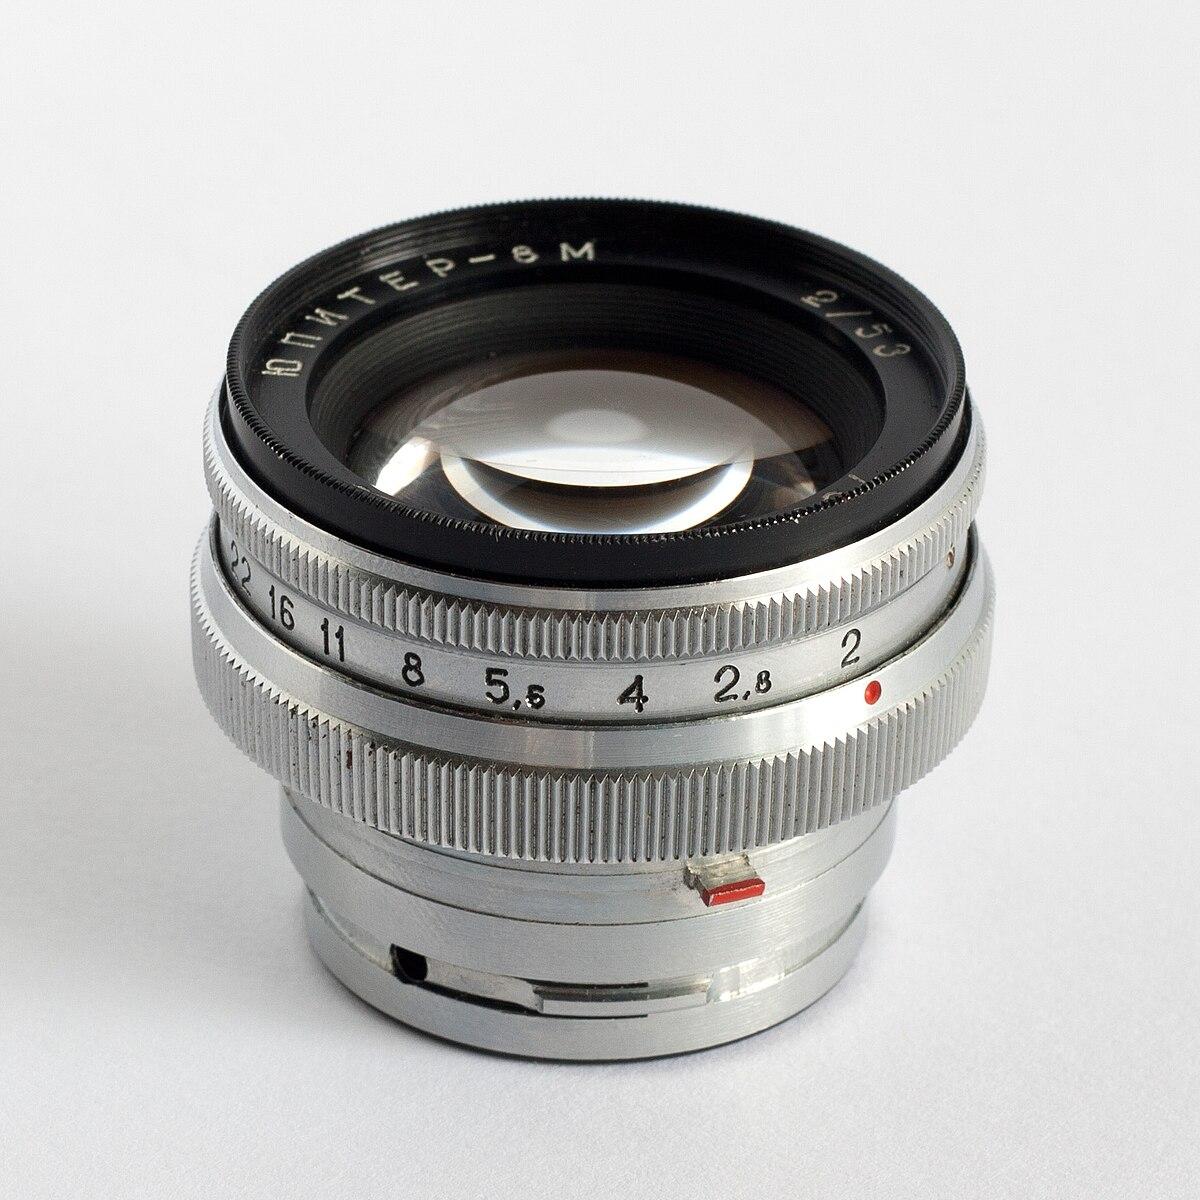 Jupiter 8 Lens Wikipedia